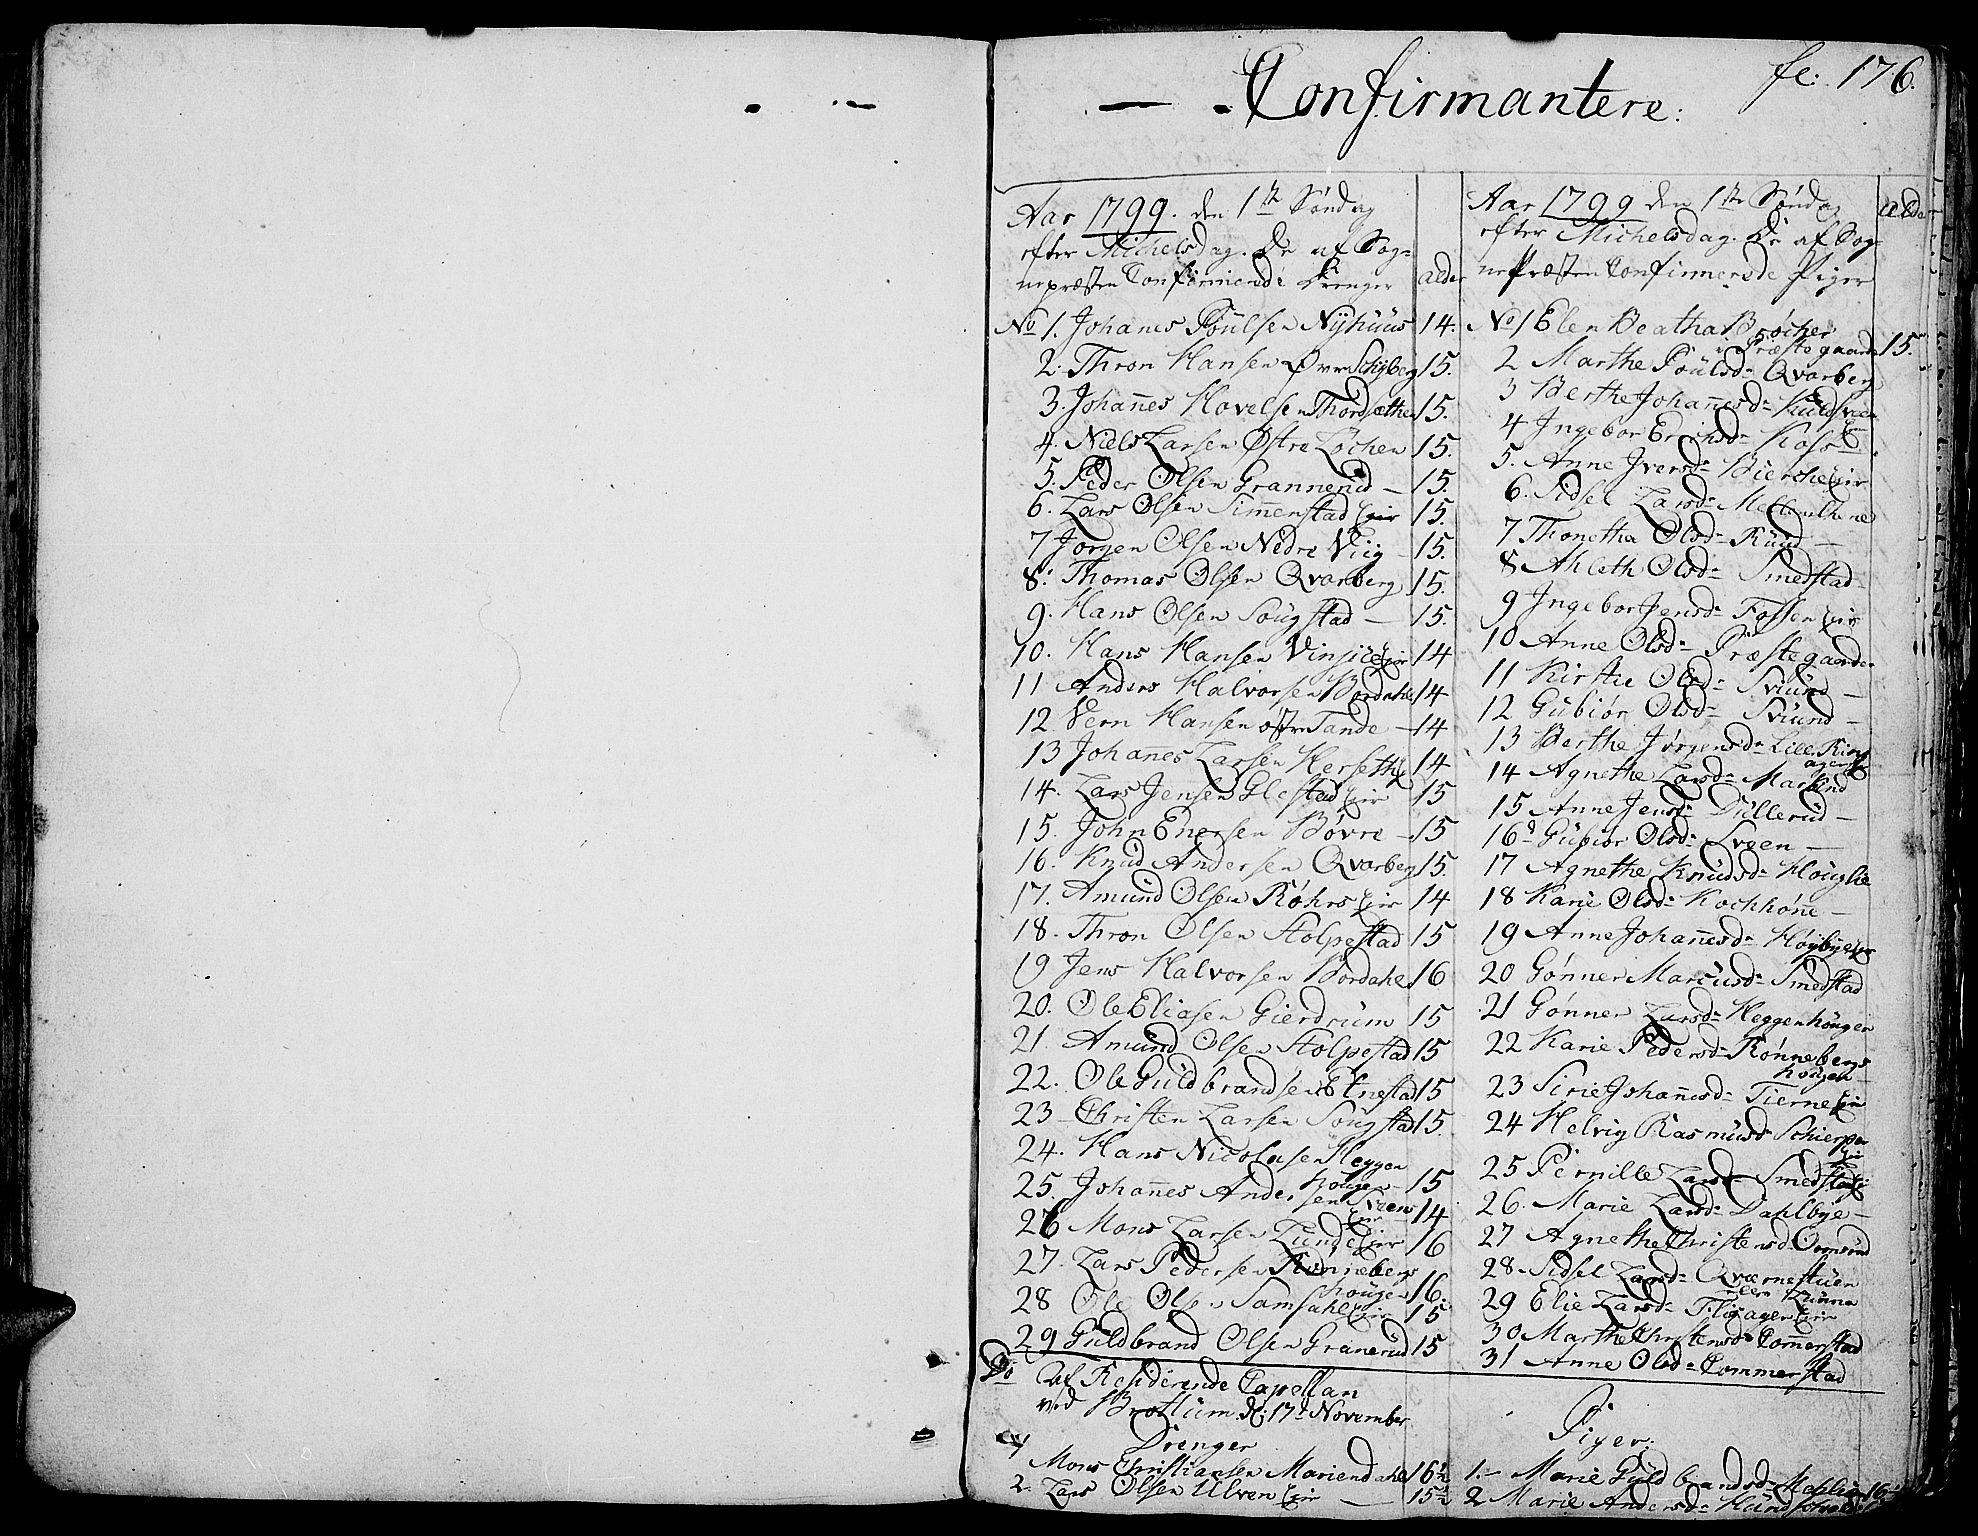 SAH, Ringsaker prestekontor, K/Ka/L0004: Ministerialbok nr. 4, 1799-1814, s. 176